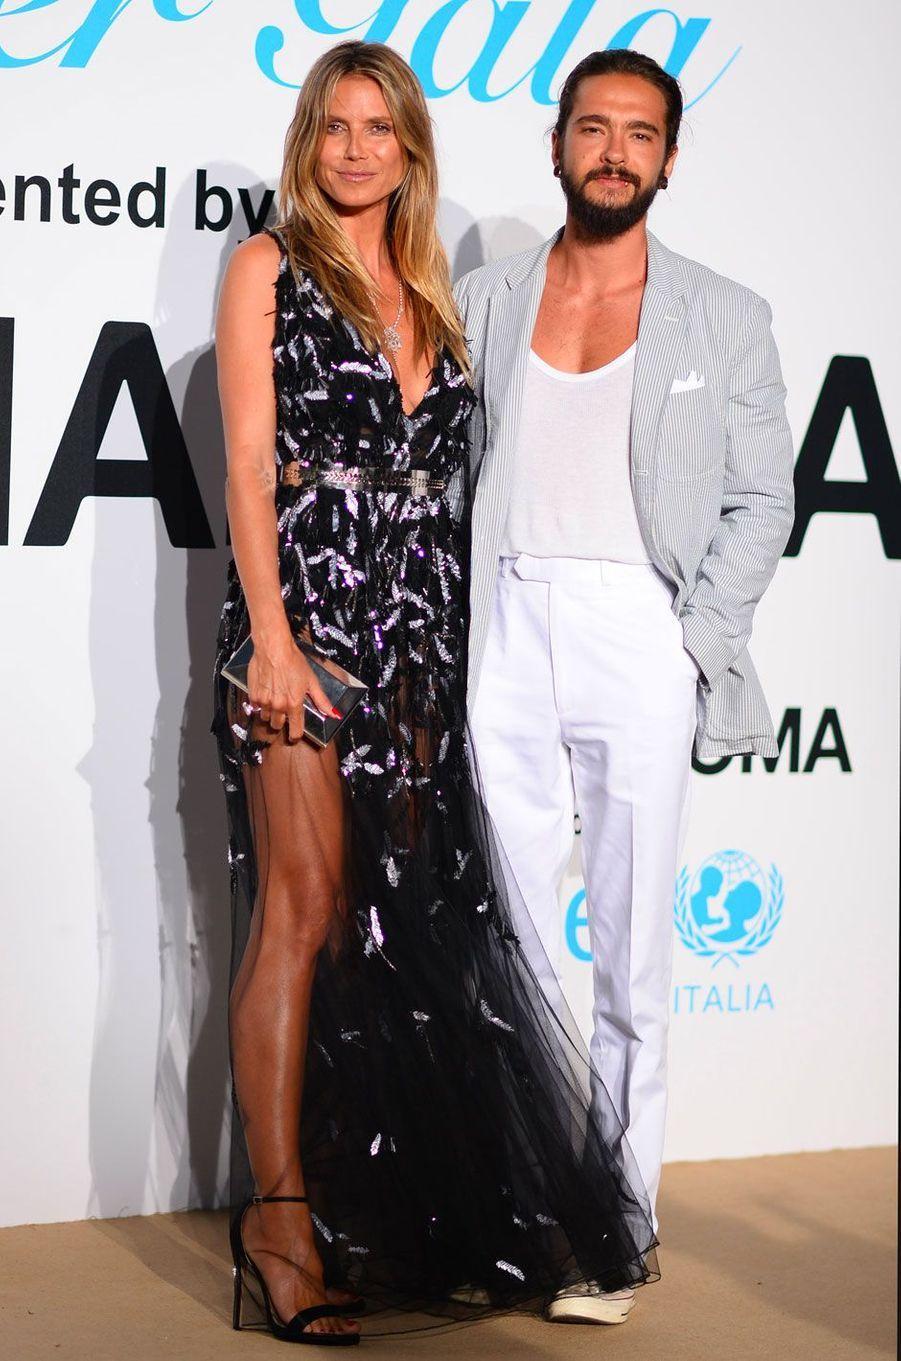 Heidi Klum et Tom Kaulitz au gala de l'UNICEF à Porto Cervo (Sardaigne) le 10 août 2018